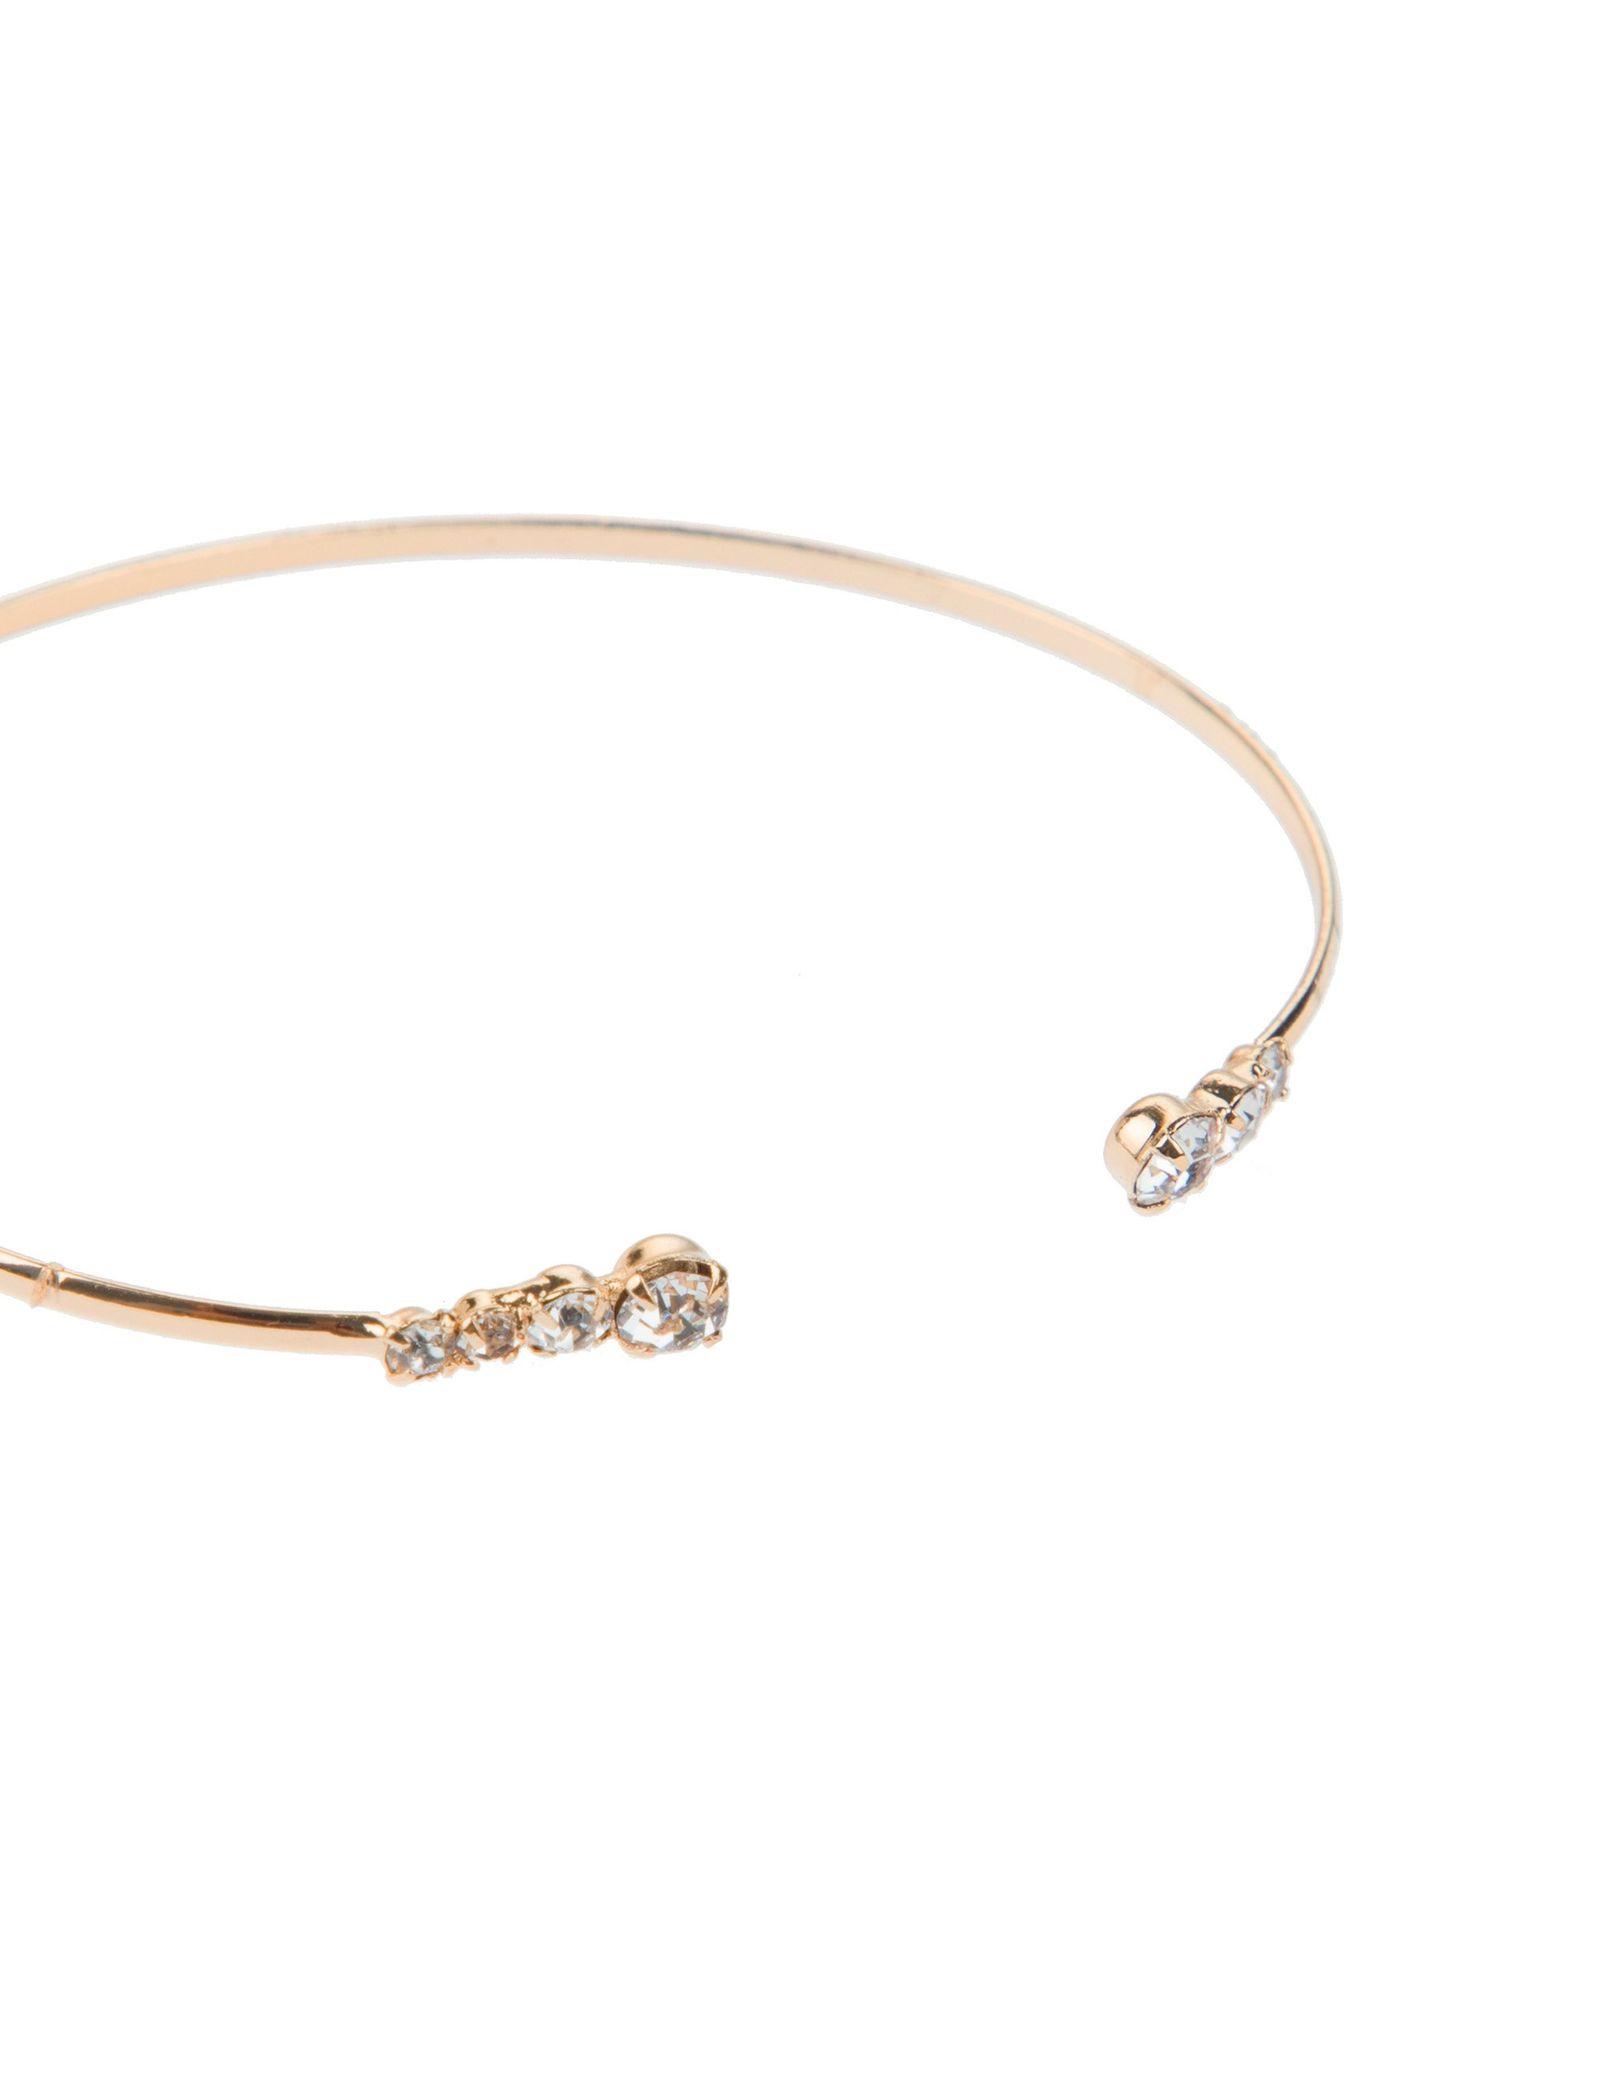 دستبند النگویی زنانه بسته 3 عددی - آلدو تک سایز - طلايي - 3